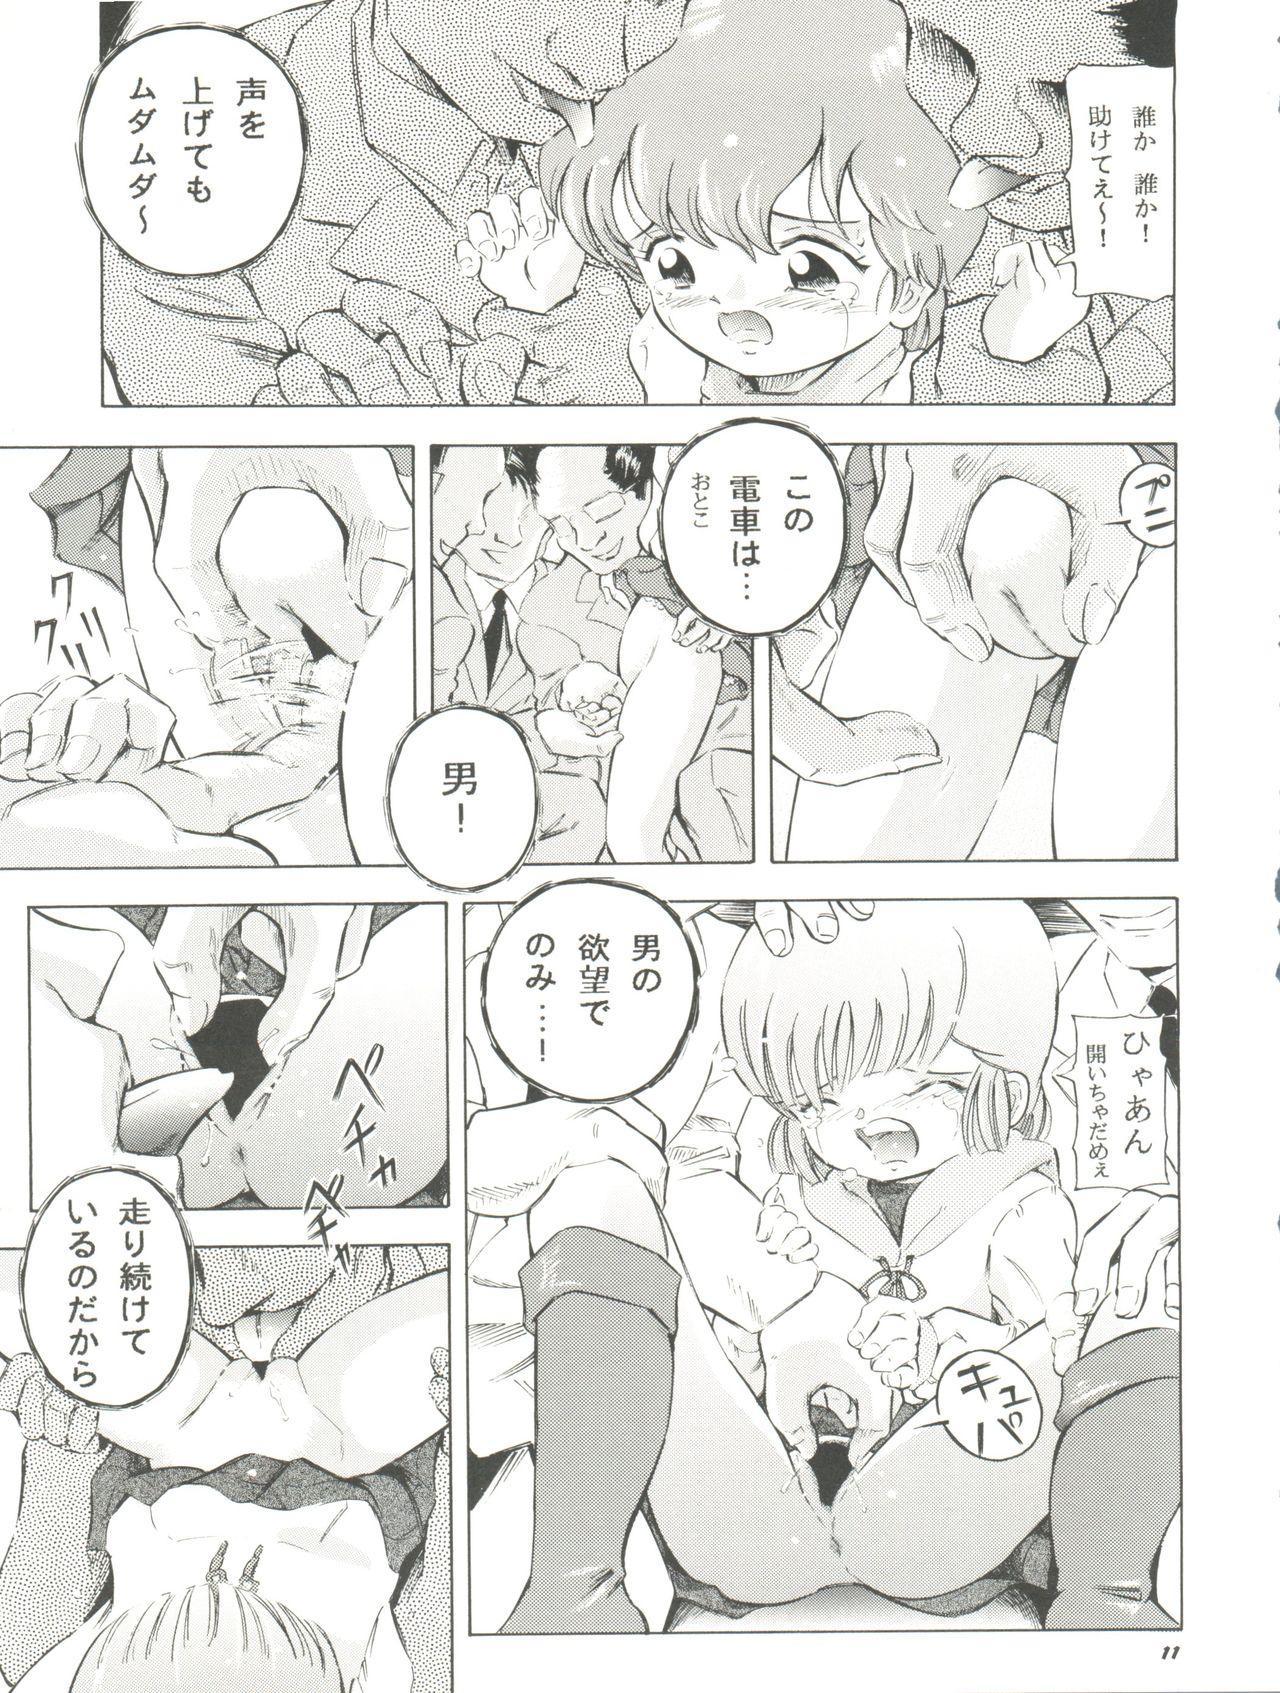 Mahou Kyuushiki 8 - Magical Classic 8 10